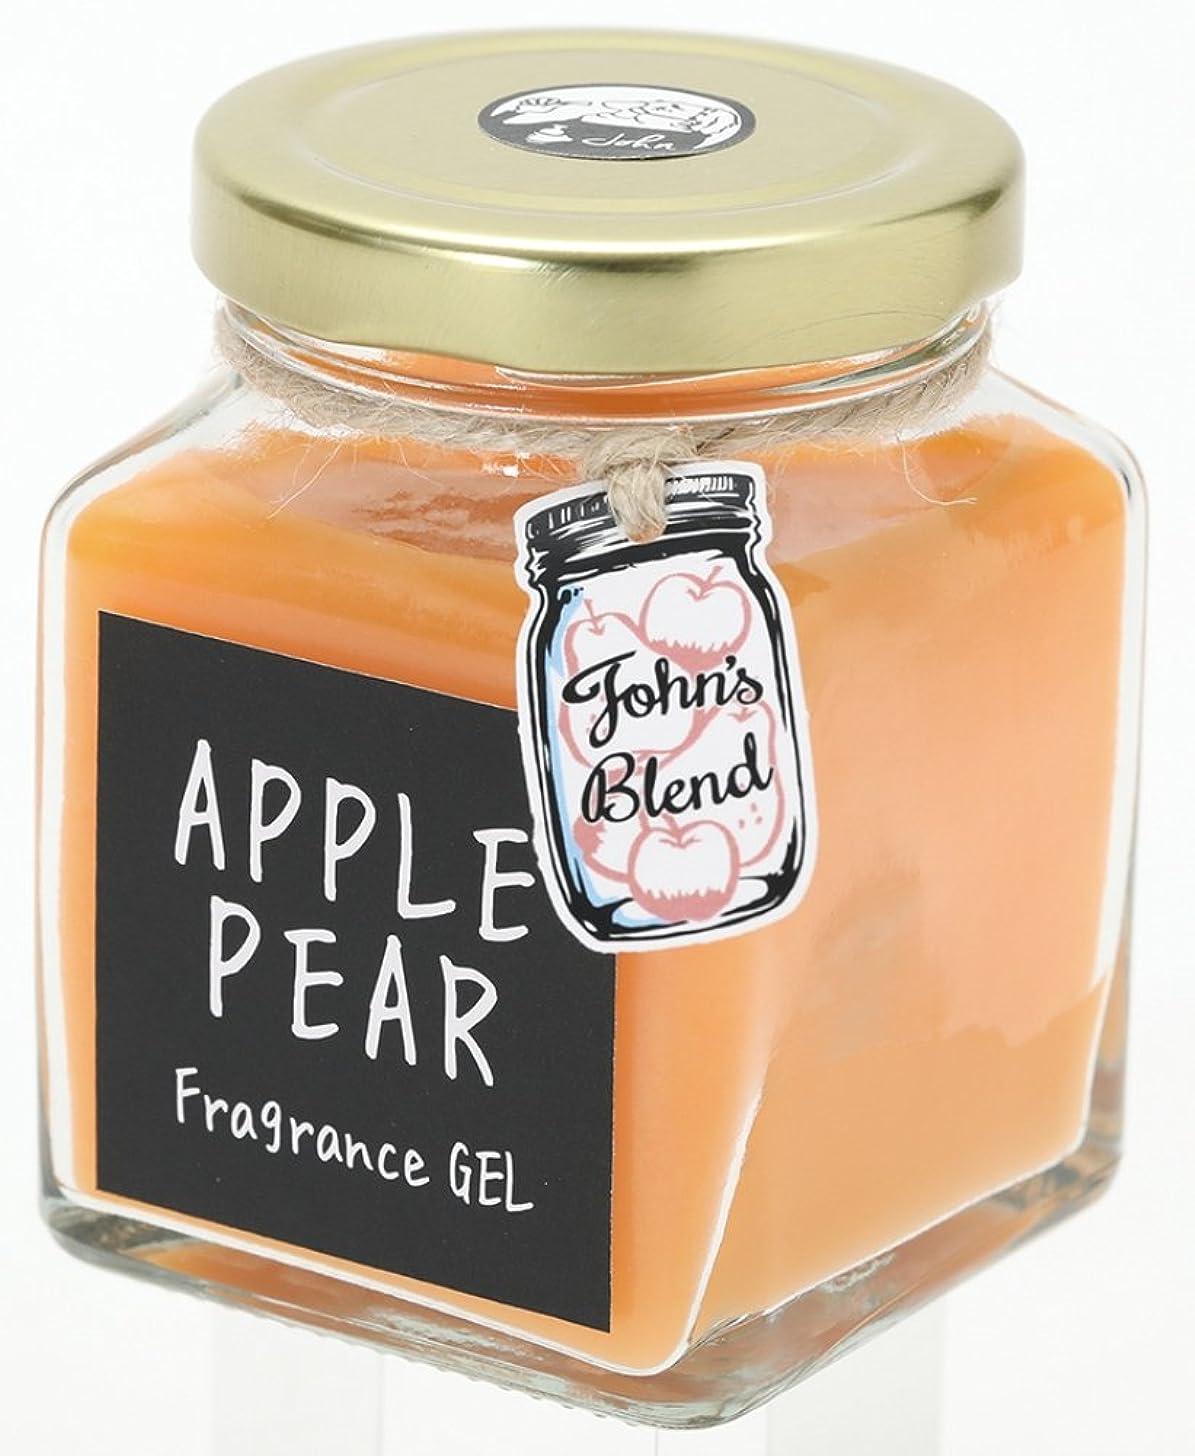 揃える灰異常ノルコーポレーション John's Blend ルームフレグランス フレグランスジェル OA-JON-4-4 アップルペアーの香り 135g